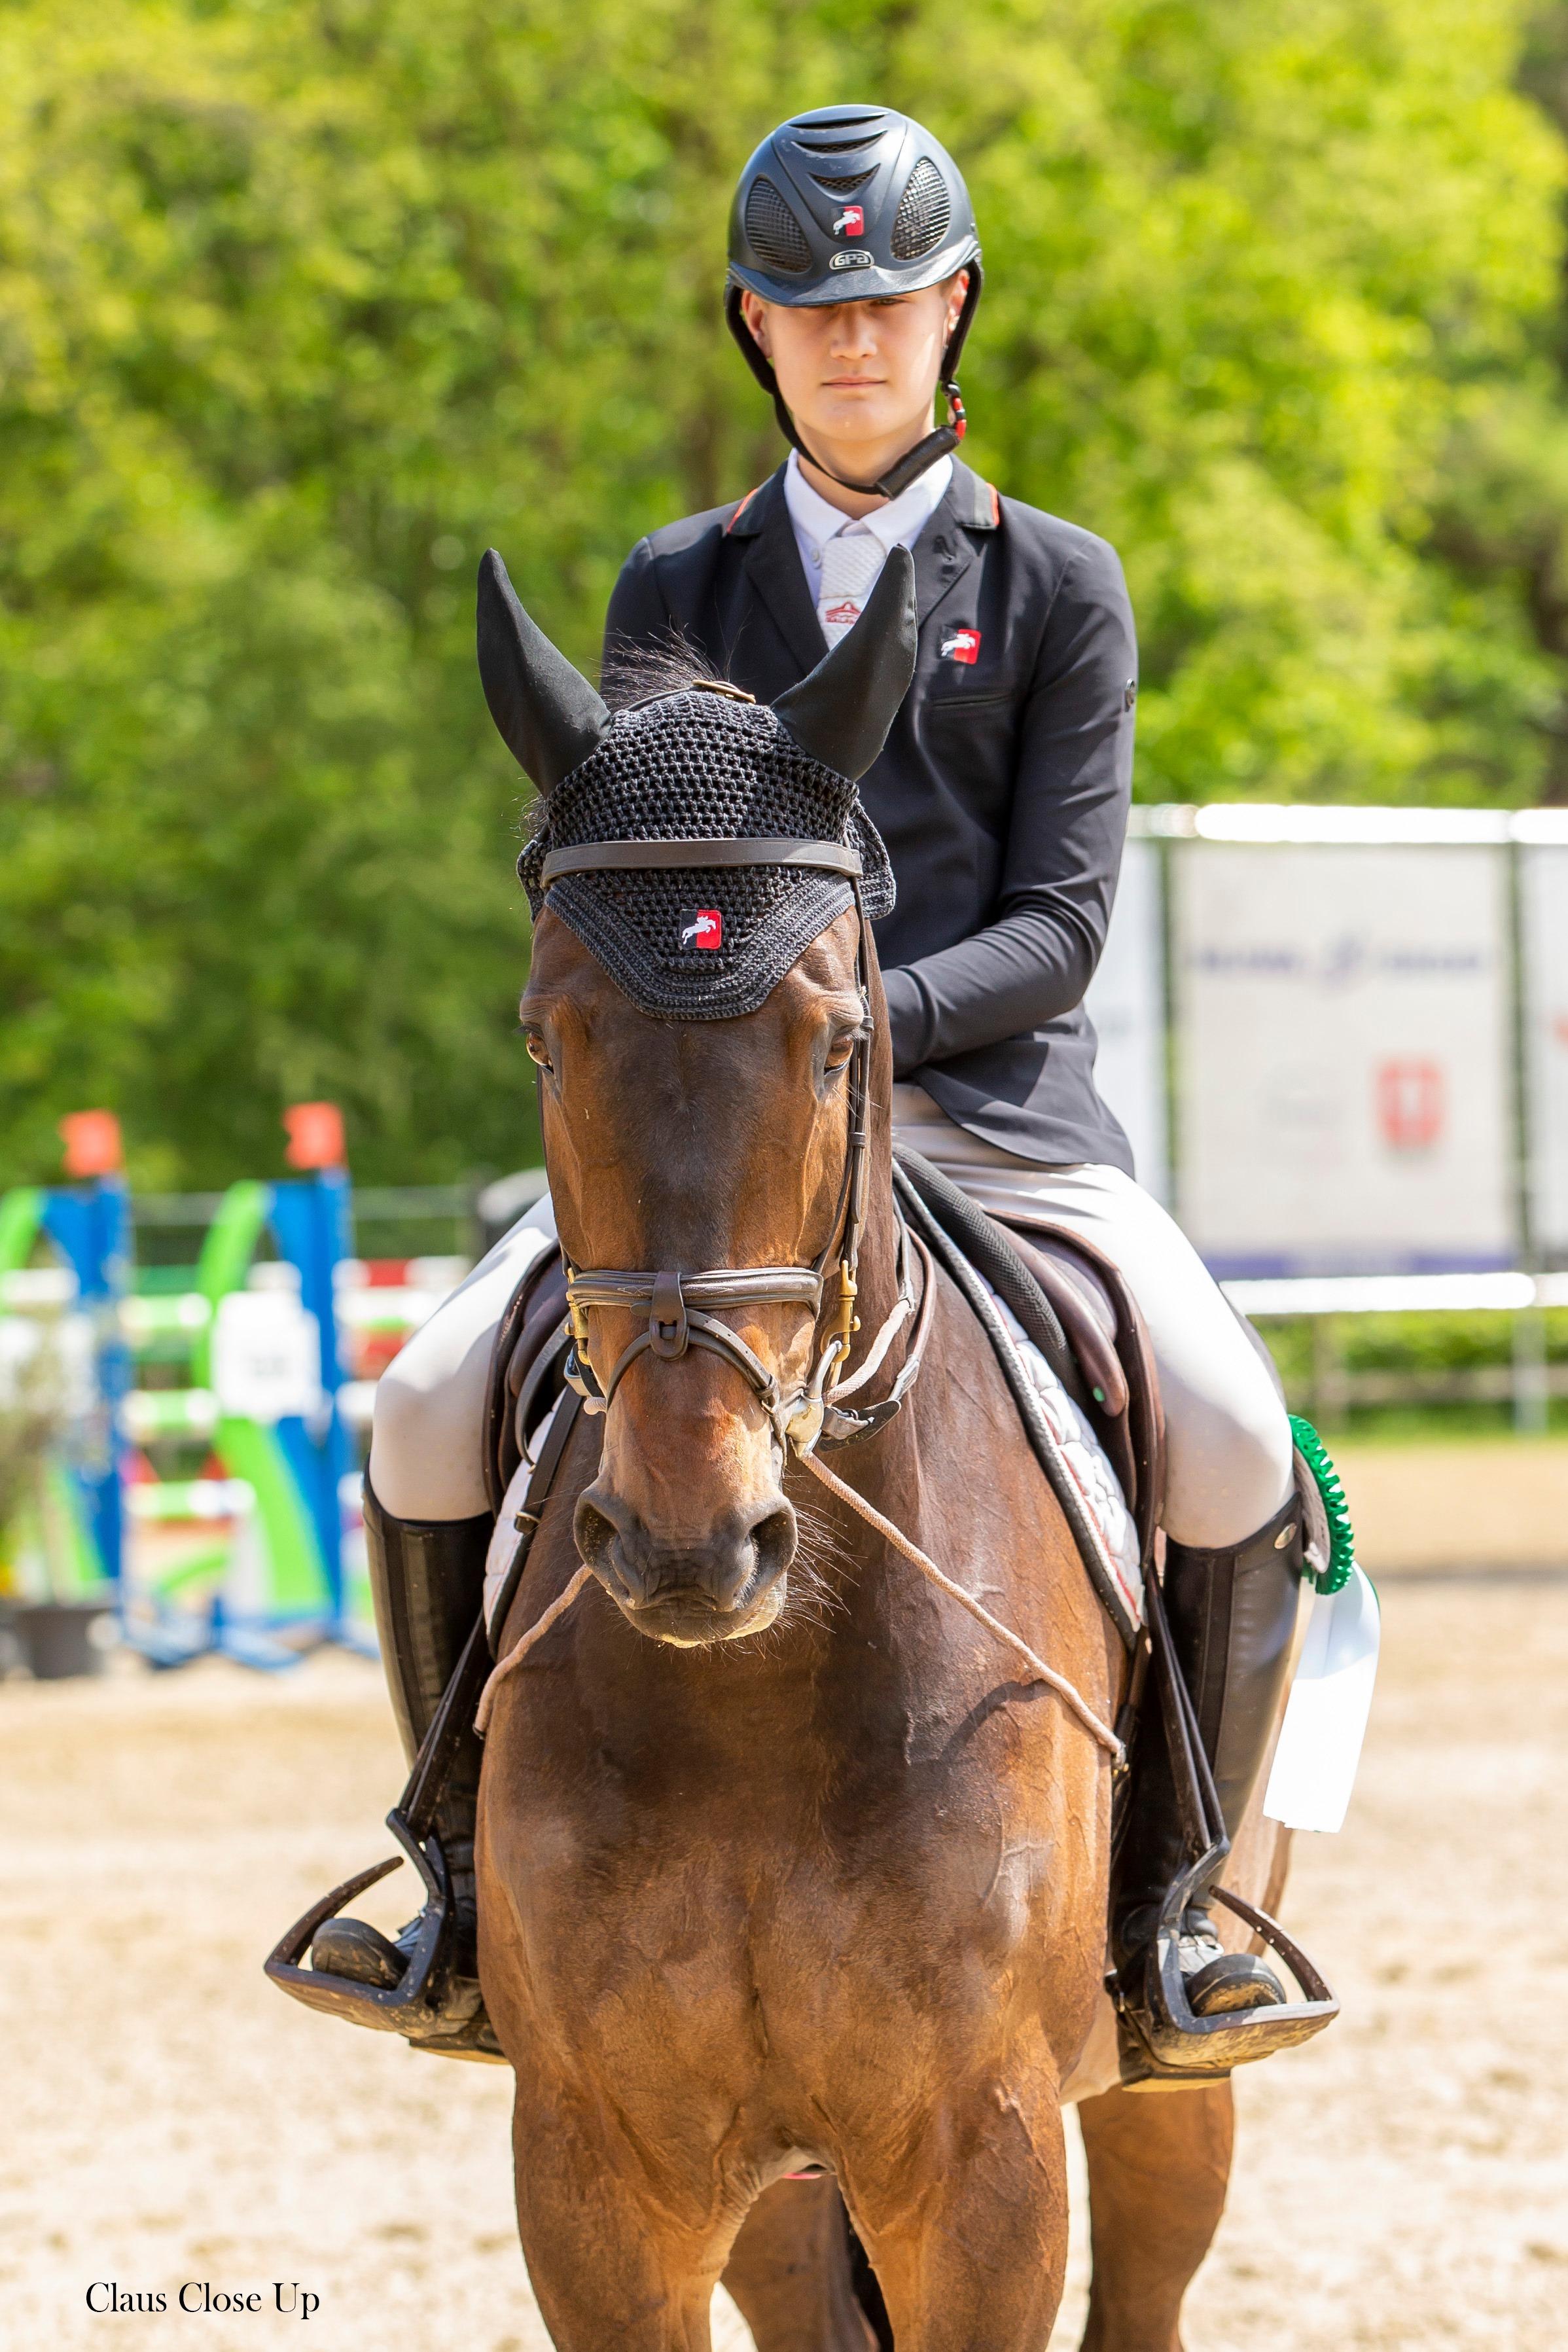 Nederlandse Junioren op zeven in Nations Cup Hagen